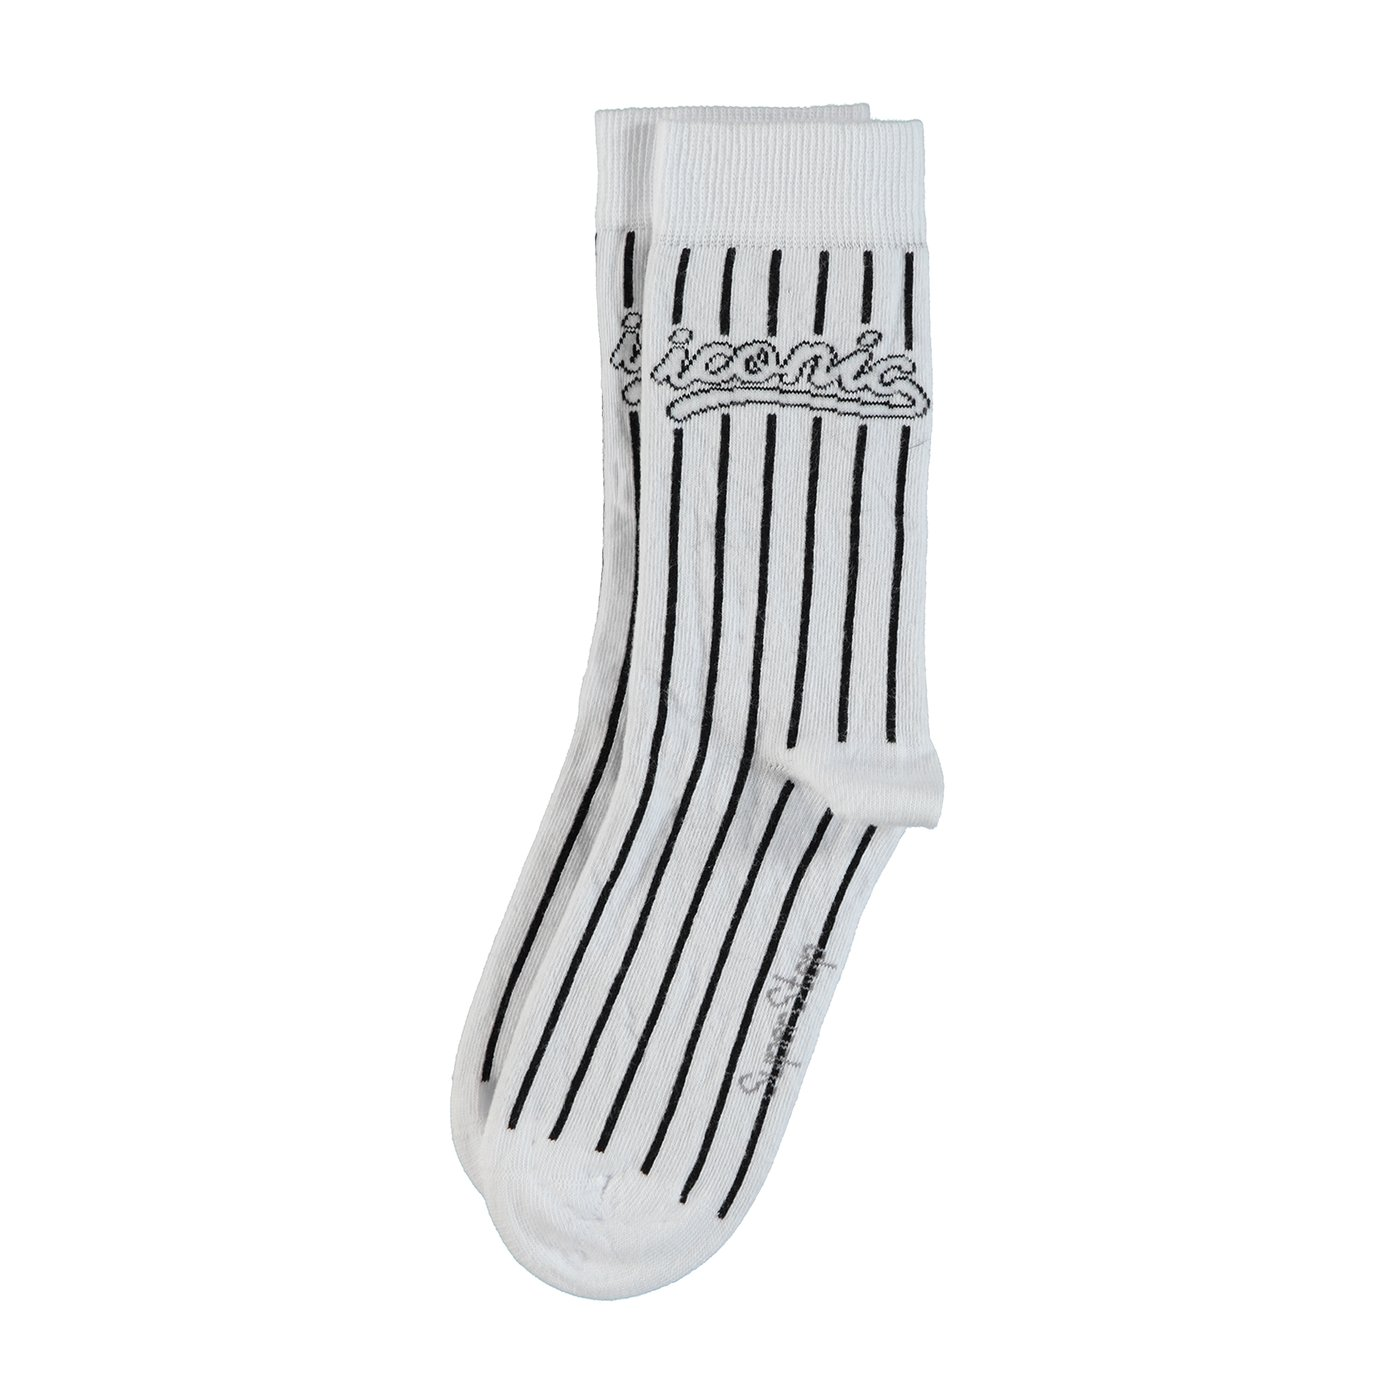 Superstep Iconic Beyaz Çorap